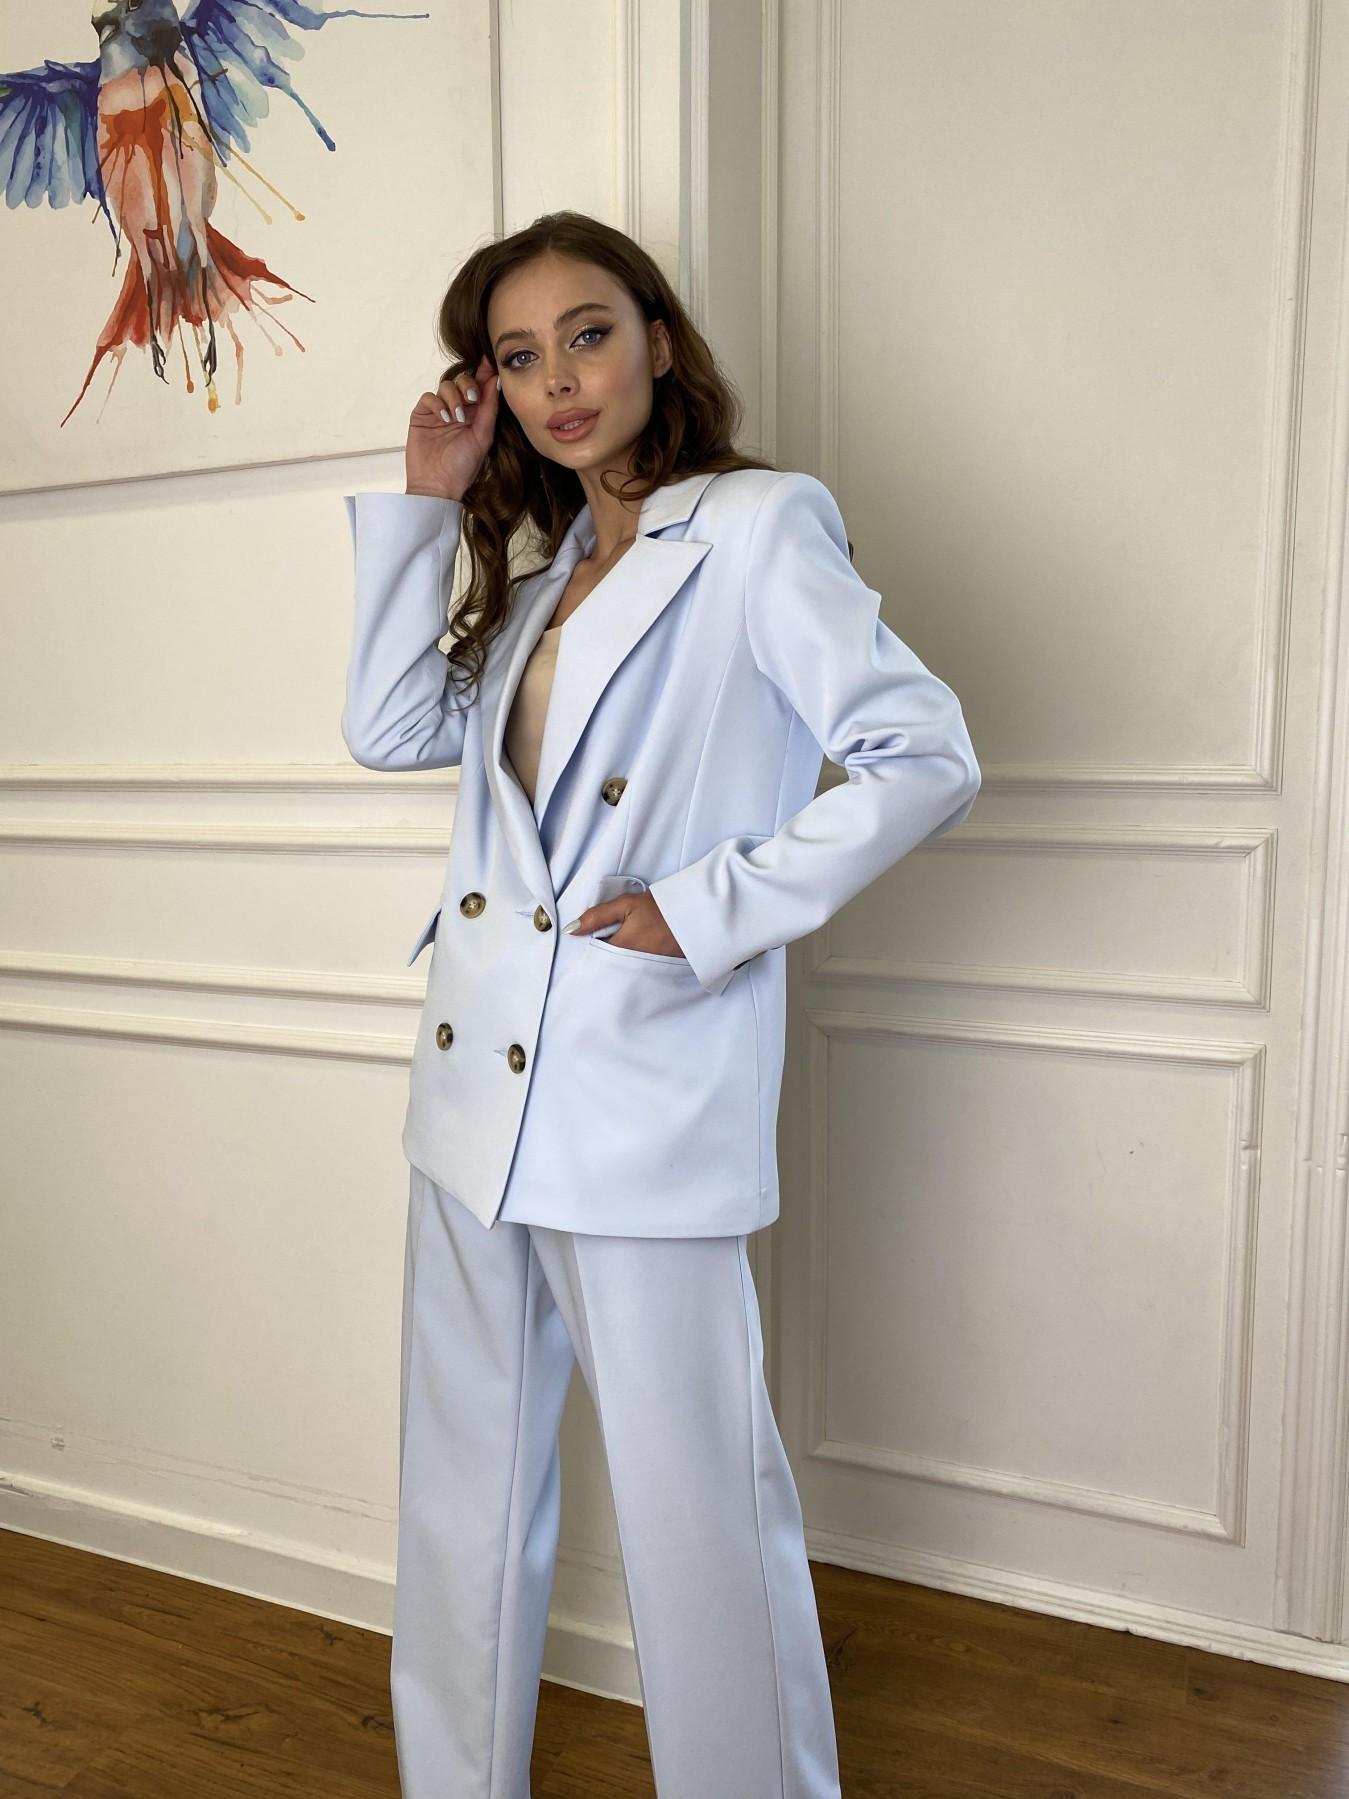 Белисимо  костюм стрейч из костюмной ткани 11217 АРТ. 47737 Цвет: Голубой - фото 5, интернет магазин tm-modus.ru